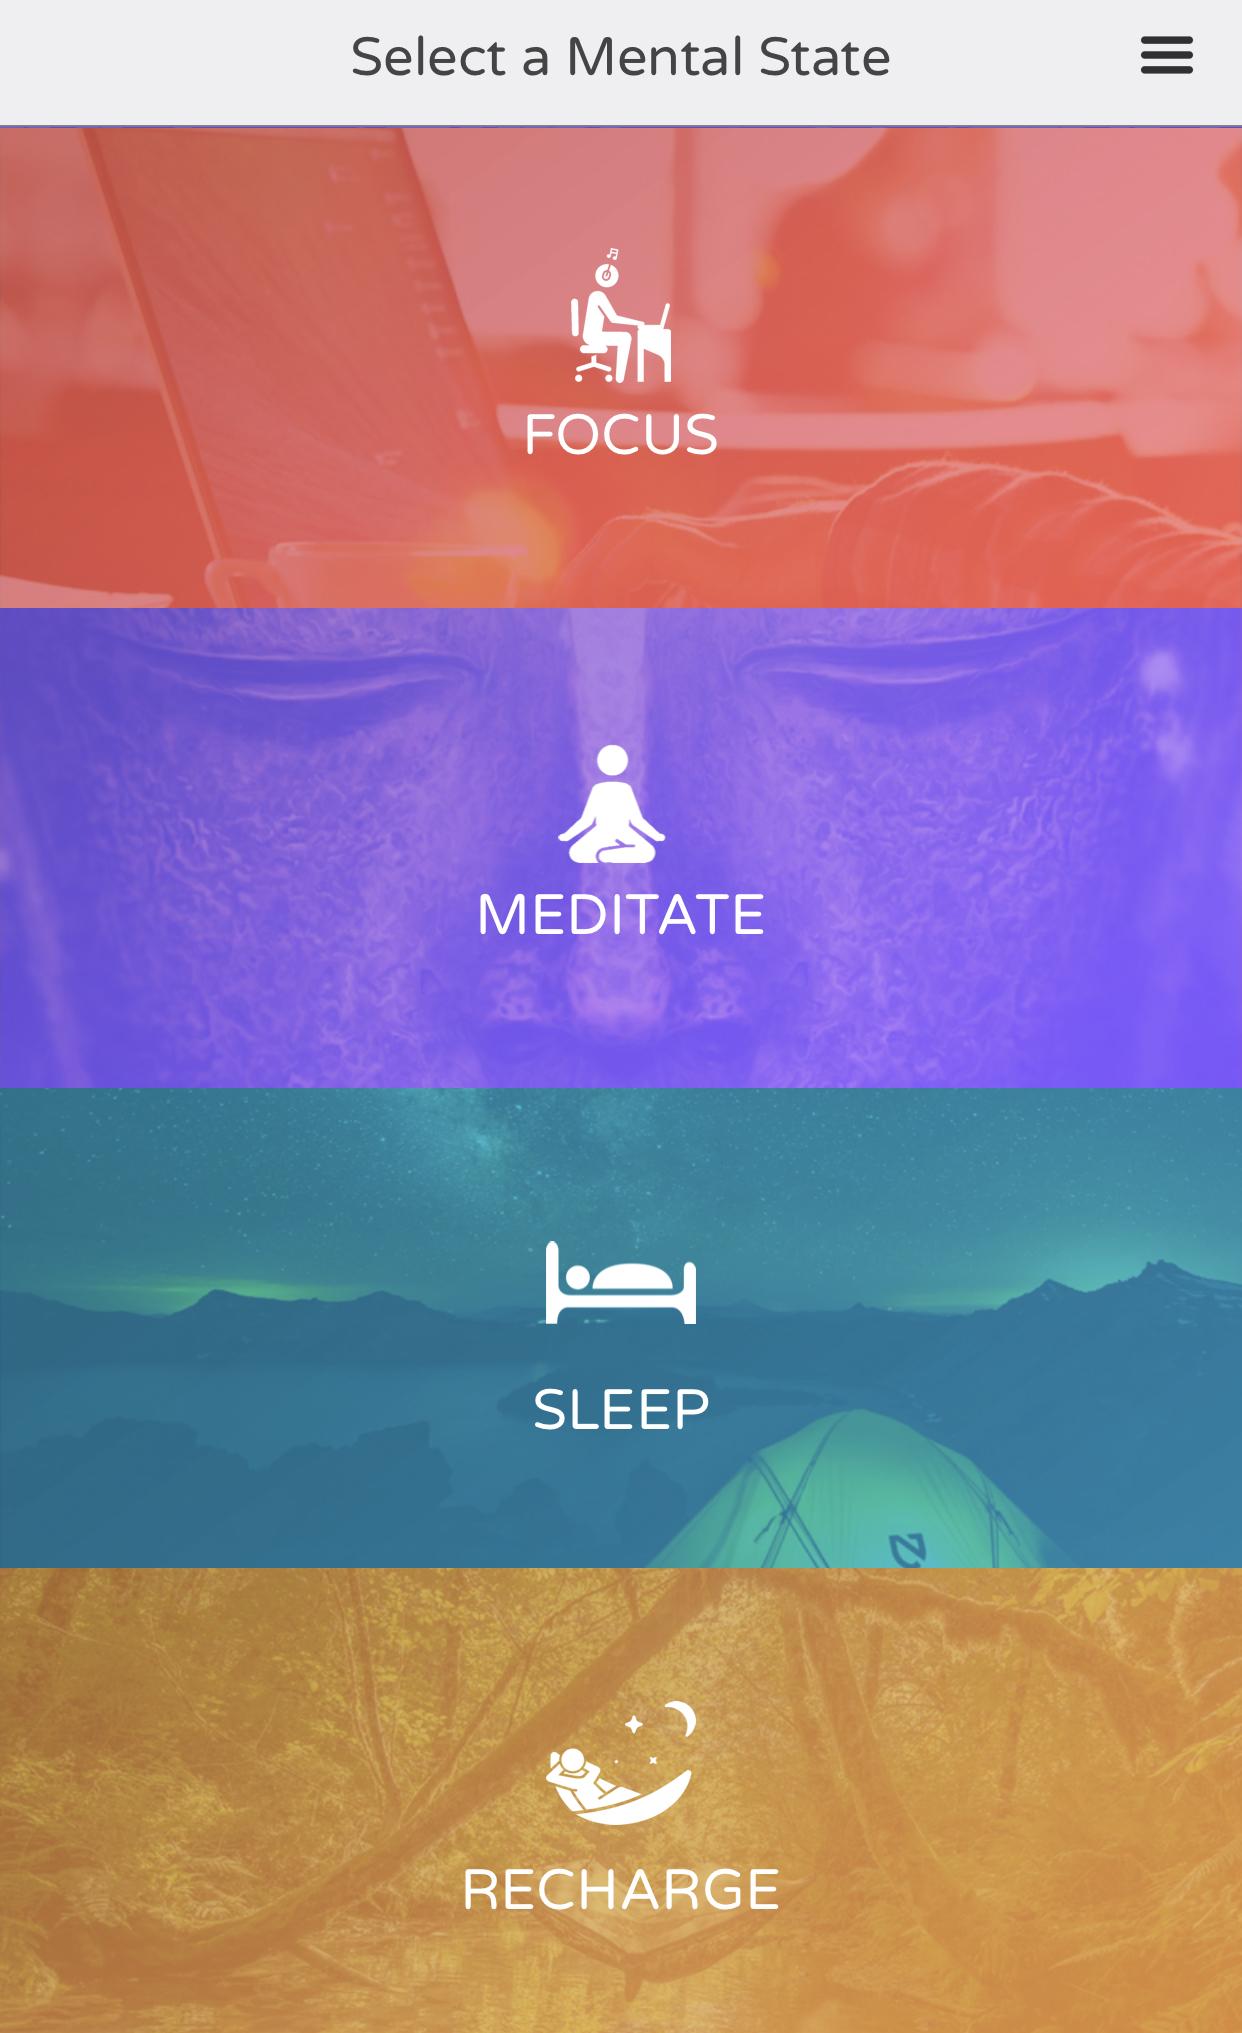 Brain .fm - aplikace která Vám pomůže koncentrovat se v rušném prostředí, usnout během chvíle, odpočinout/meditovat si když mám jen 5minut. Harmonizací mozkových vln umožnuje hlouběji naše kognitivní stavy zlepšovat. Používám ji skoro 3 roky a vidím tam velkou výhodu, že umělá inteligence si můj feedback vyhodnocuje a tudíž ji dělá více na míru Mírovi. Skvělá investice! -